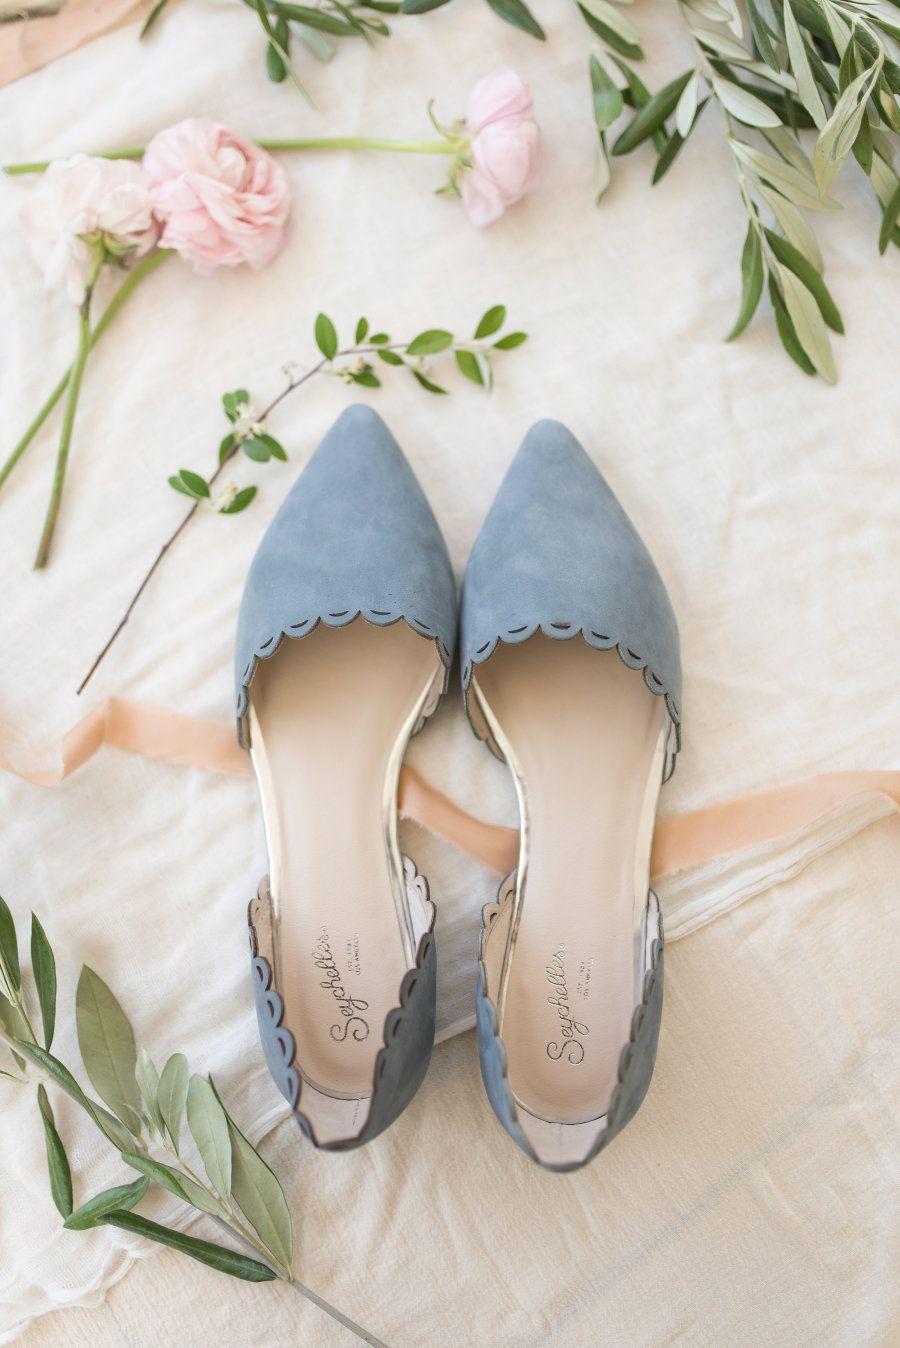 6771ba32295b Soft blue flats  Photography  Eliza Morrill - http   elizamorrill.com